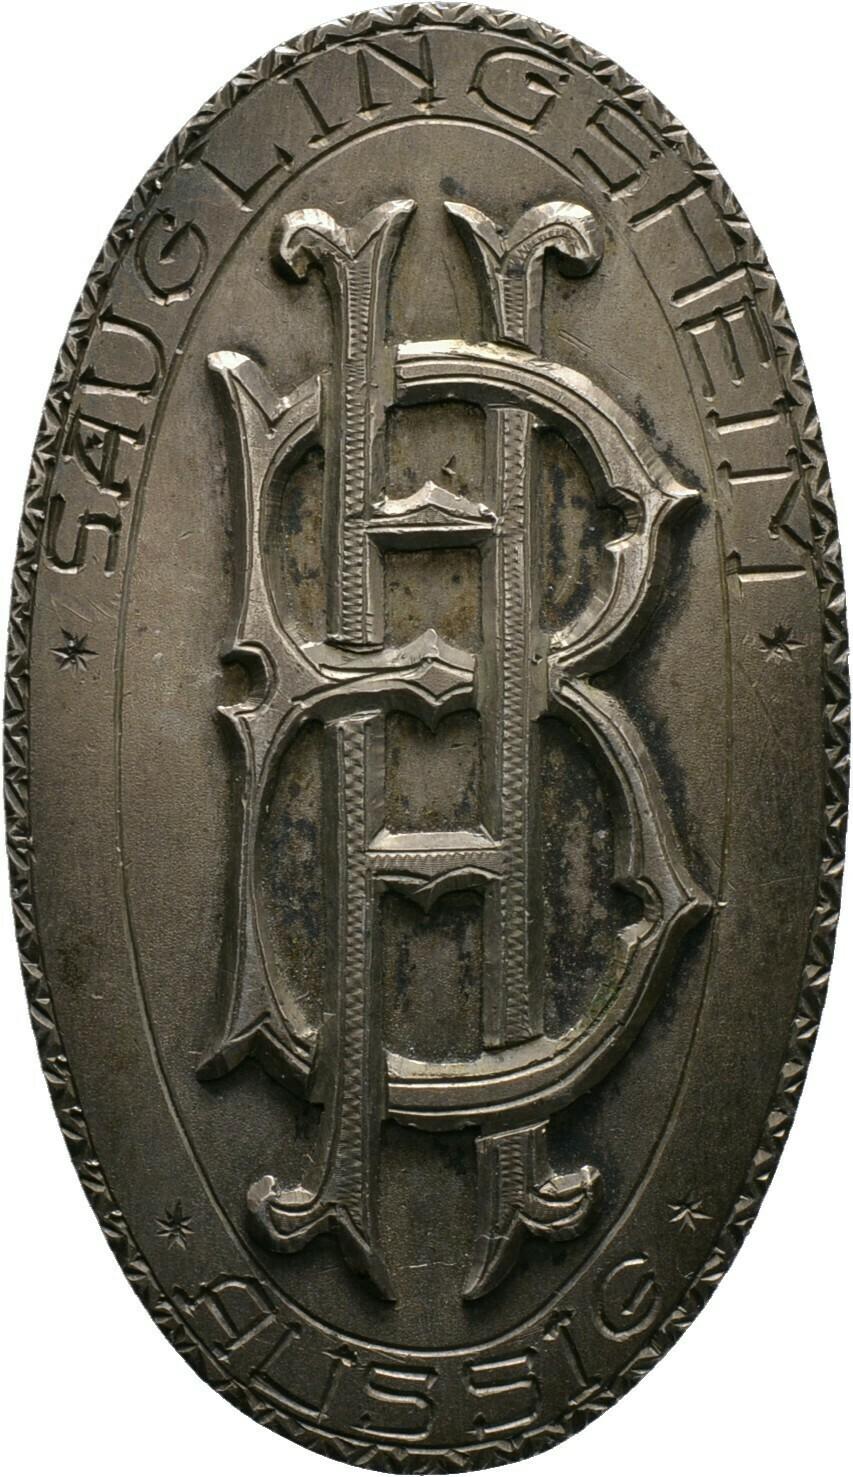 Einseitige, silberne Brosche o.J. (1920-1930), 1. Republik, Böhmen, Stadt Aussig